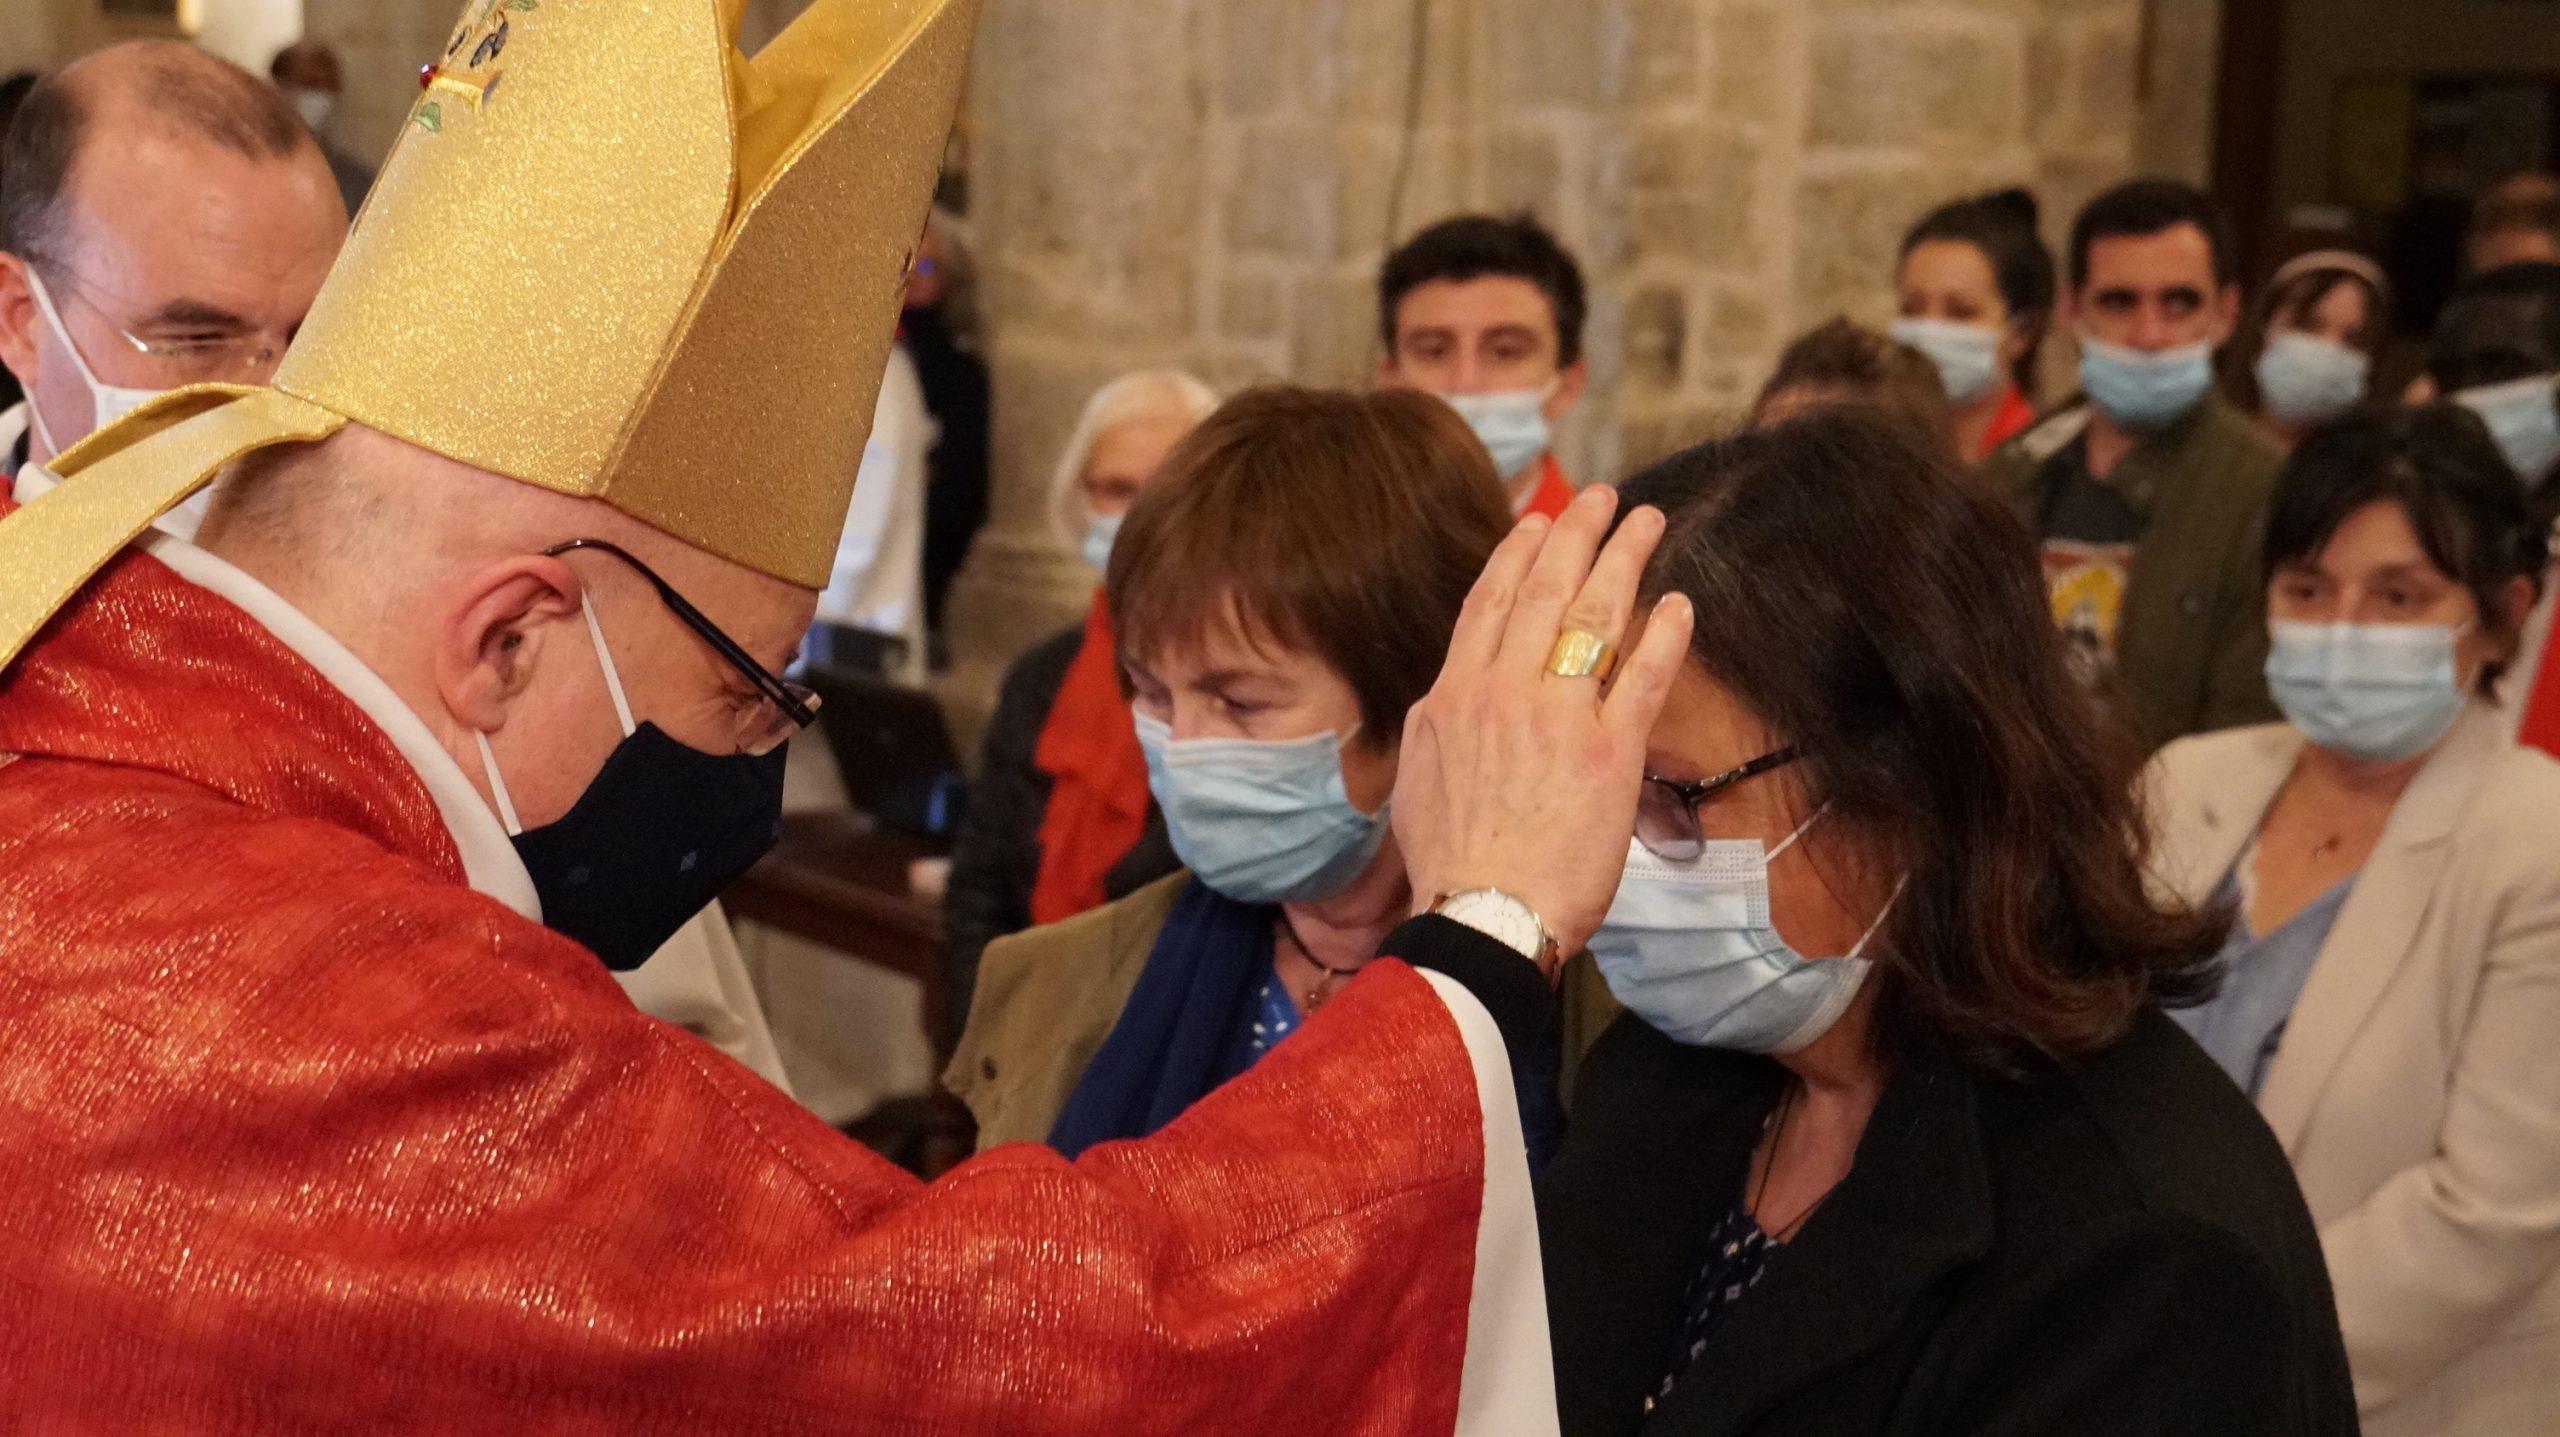 Le Feu de L'esprit Saint reçu par 46 adultes à Elne